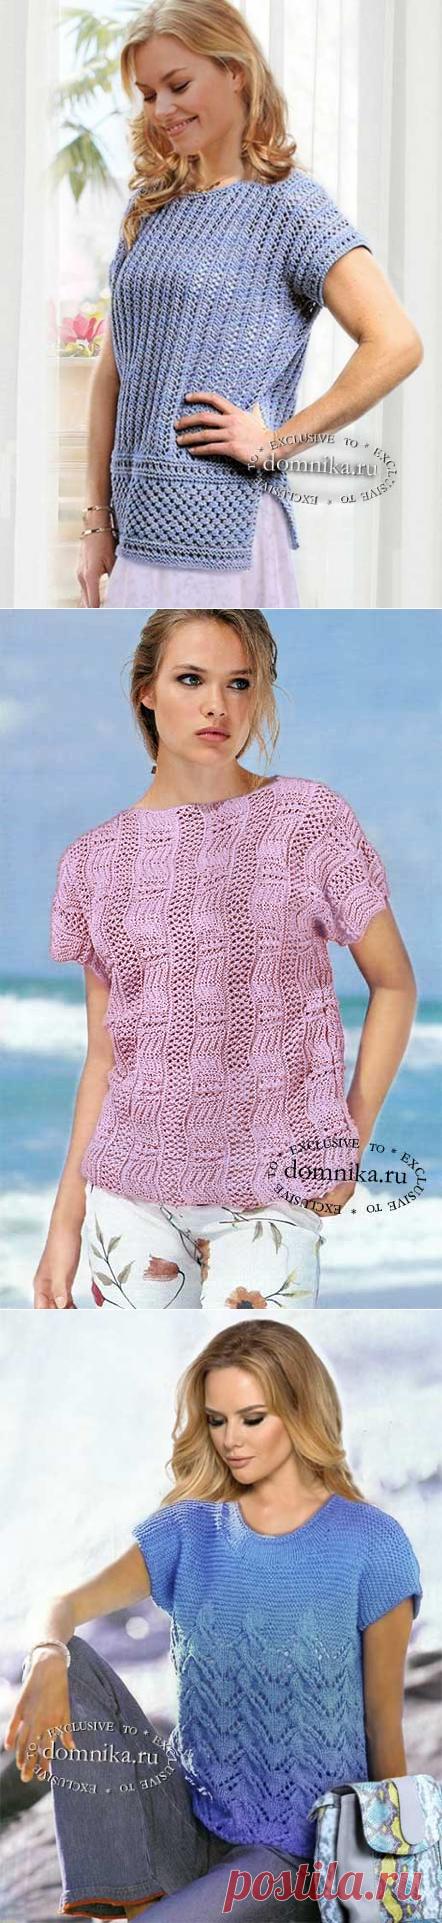 3 летние вязаные кофточки спицами для полных женщин - описания и схемы бесплатно Вязаные туники, блузки, топы, платья